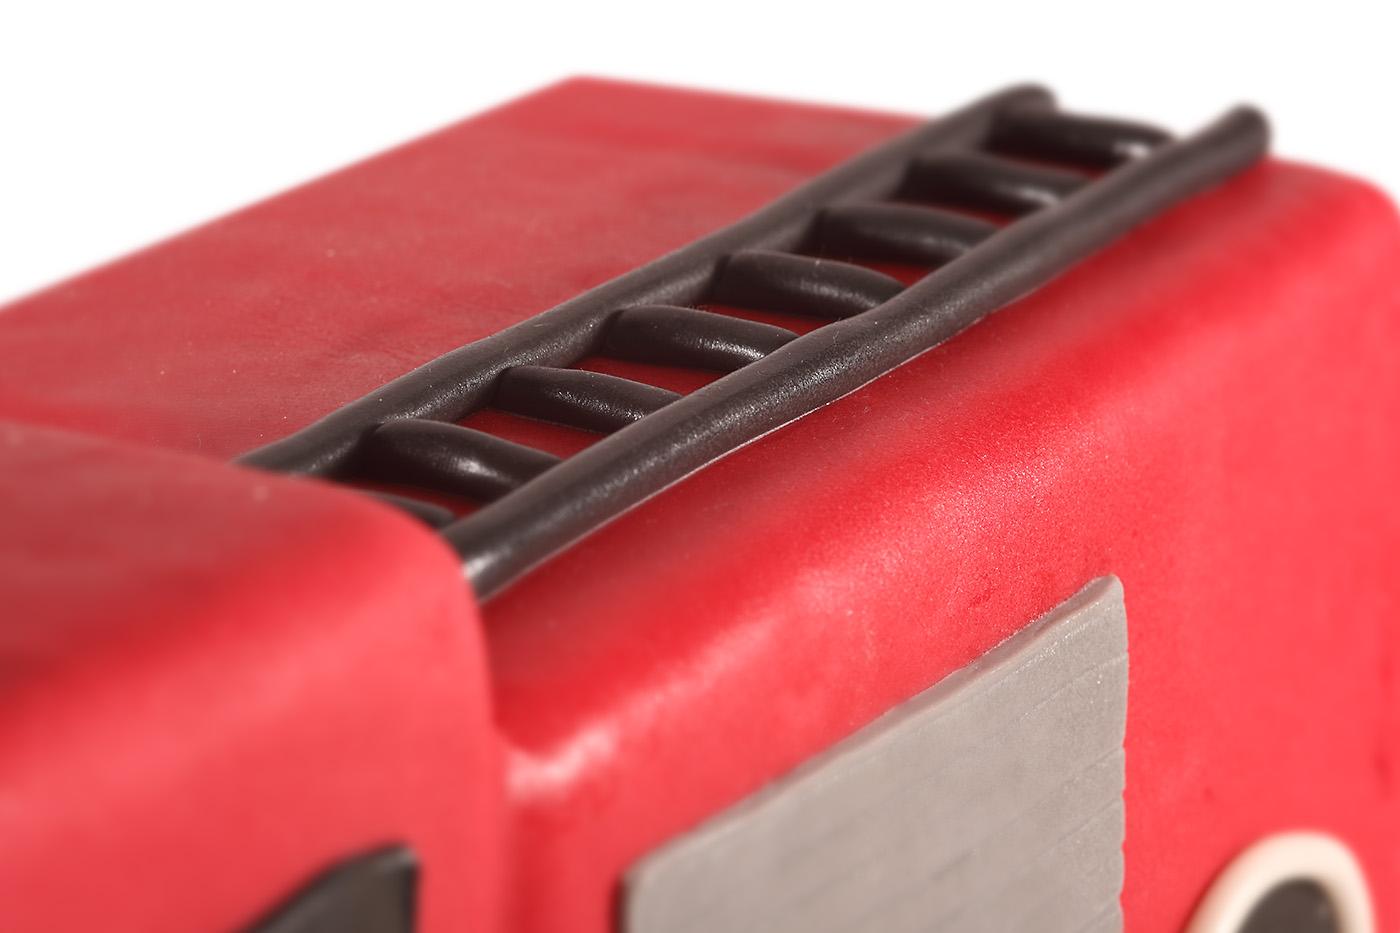 Feuerwehr-Torte_Details_1_1400px.jpg